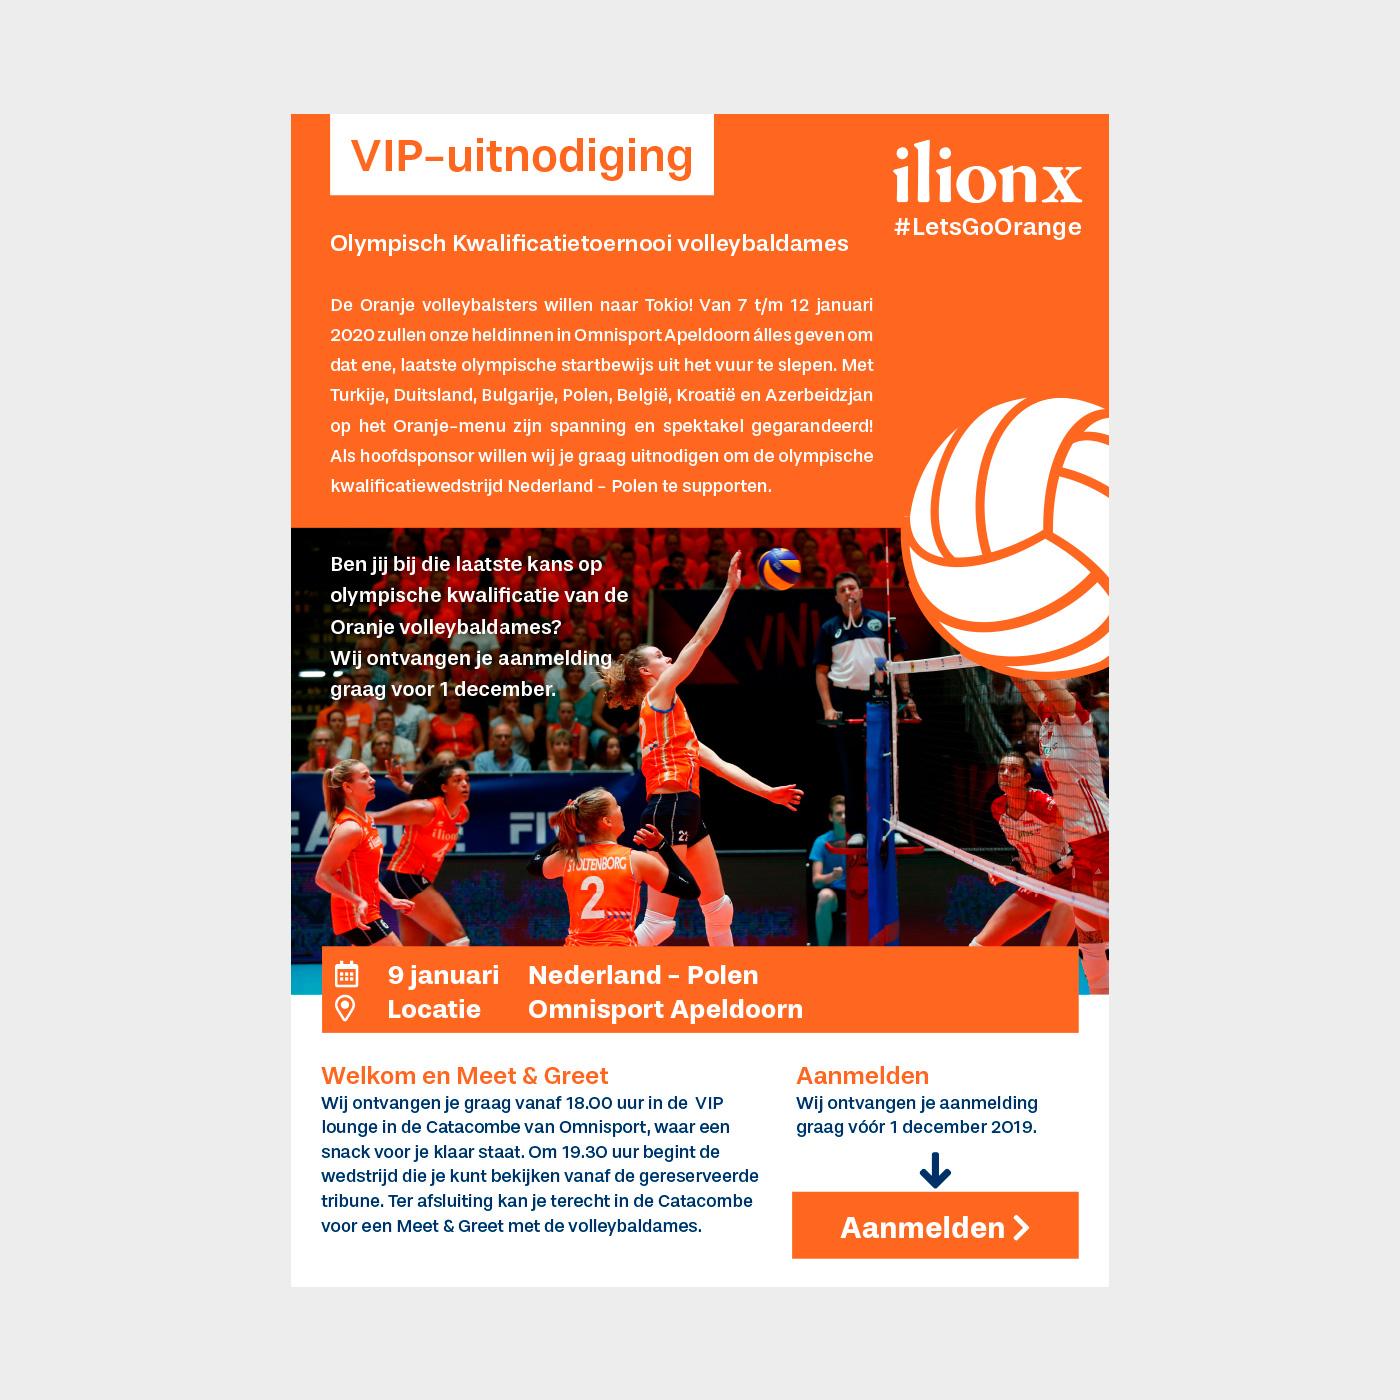 ilionx is hoofdsponsor van het Nederlands damesvolleybalteam. Dit is een digitale uitnodiging die werd verstuurd naar medewerkers en klanten om een wedstrijd bij te wonen.